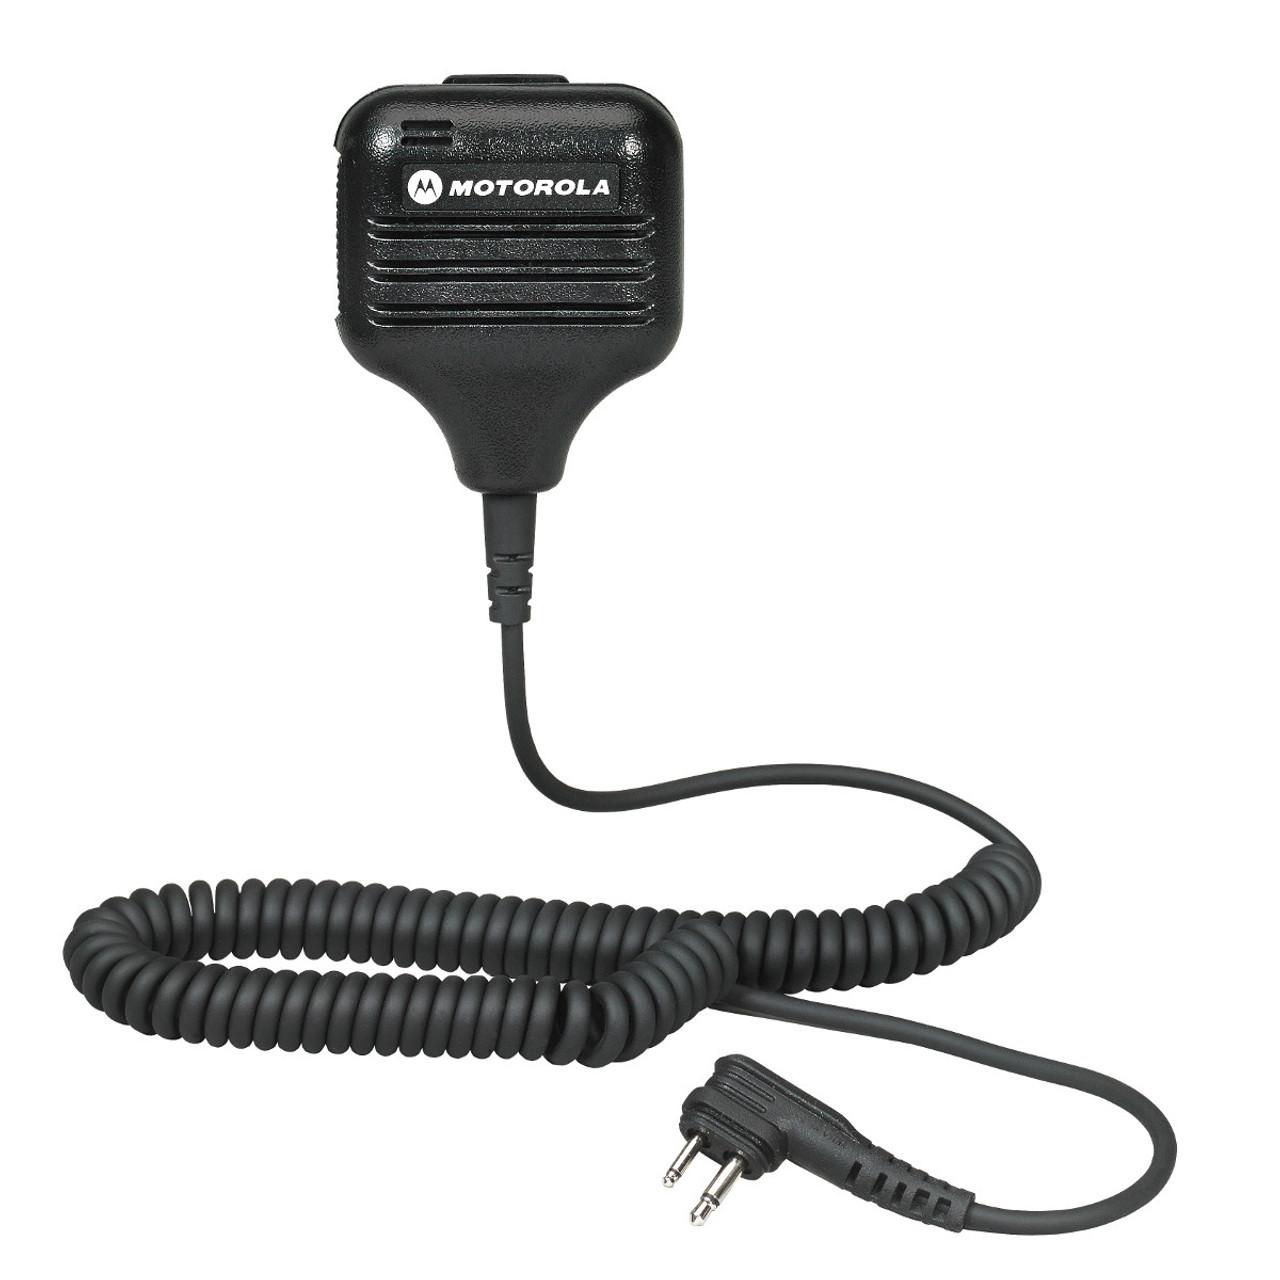 Motorola HKLN4606 Shoulder Mic